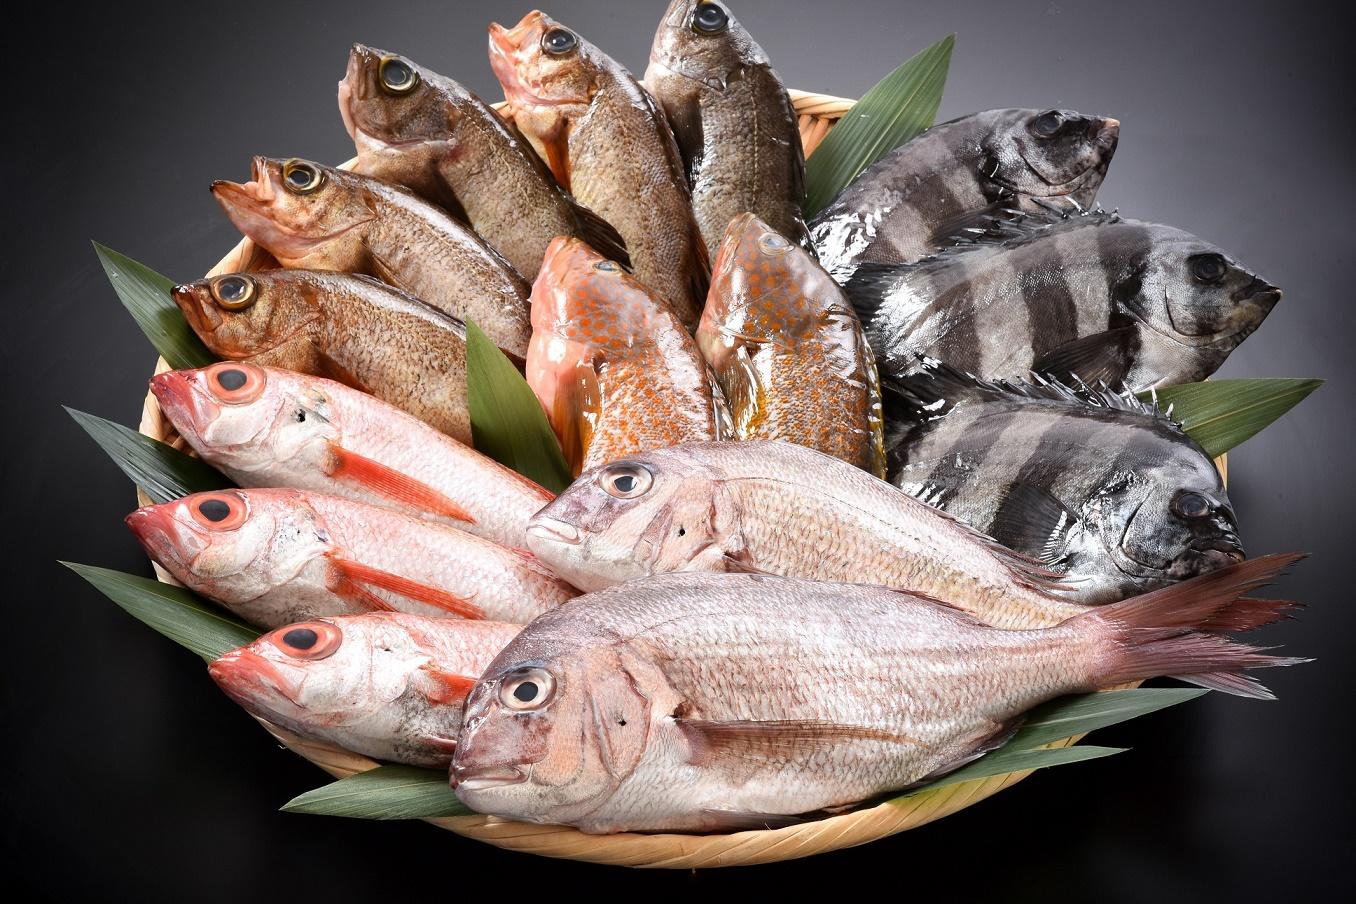 海の幸 脂がのり身の締まった日本海の魚たち